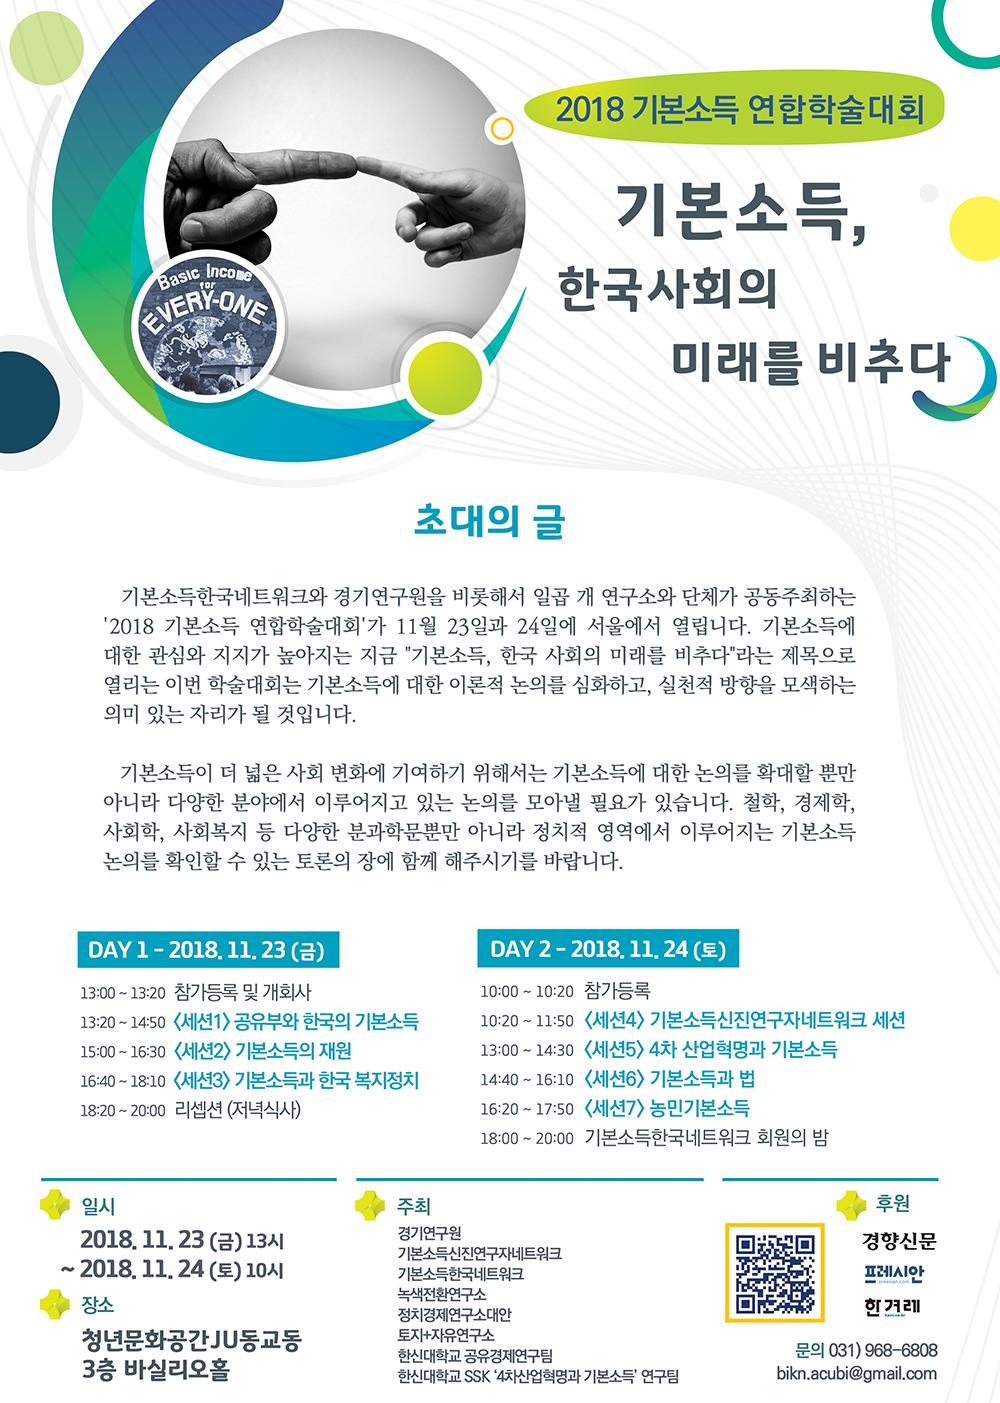 초청장_2018기본소득연합학술대회